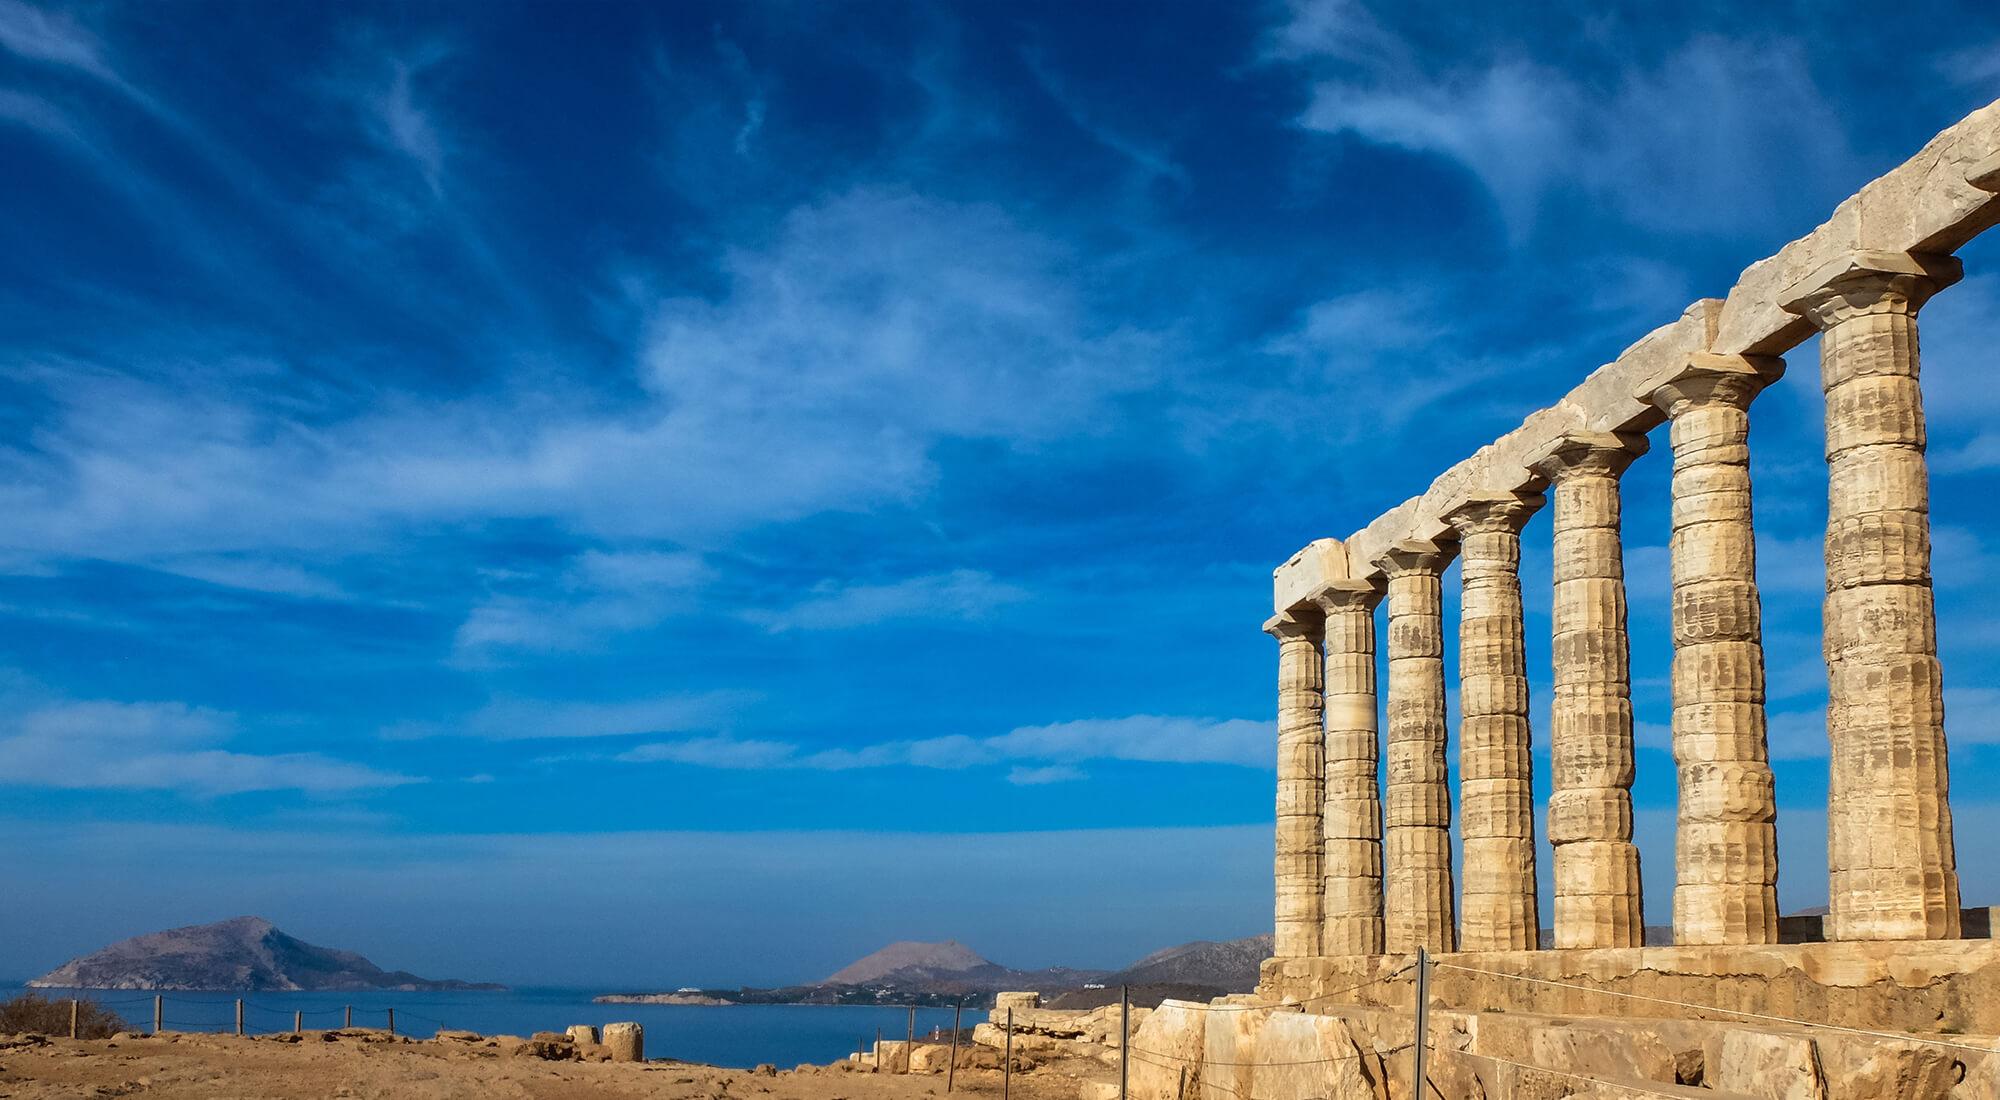 πολιτισμός-ελληνικά-ευρωπαϊκά-μαθητικά-συνέδρια